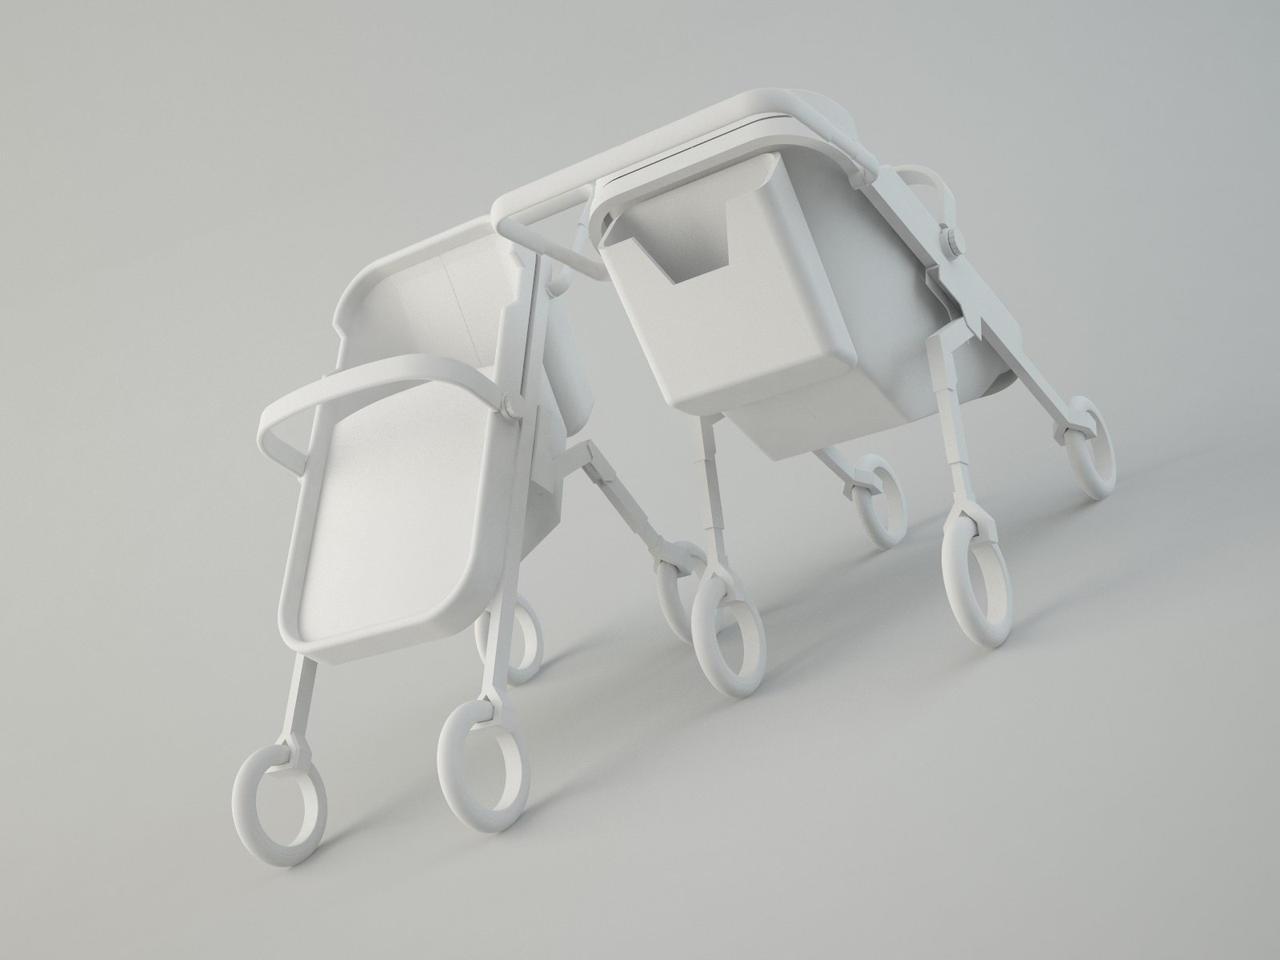 Mobius Stroller - WIP by irrsyah